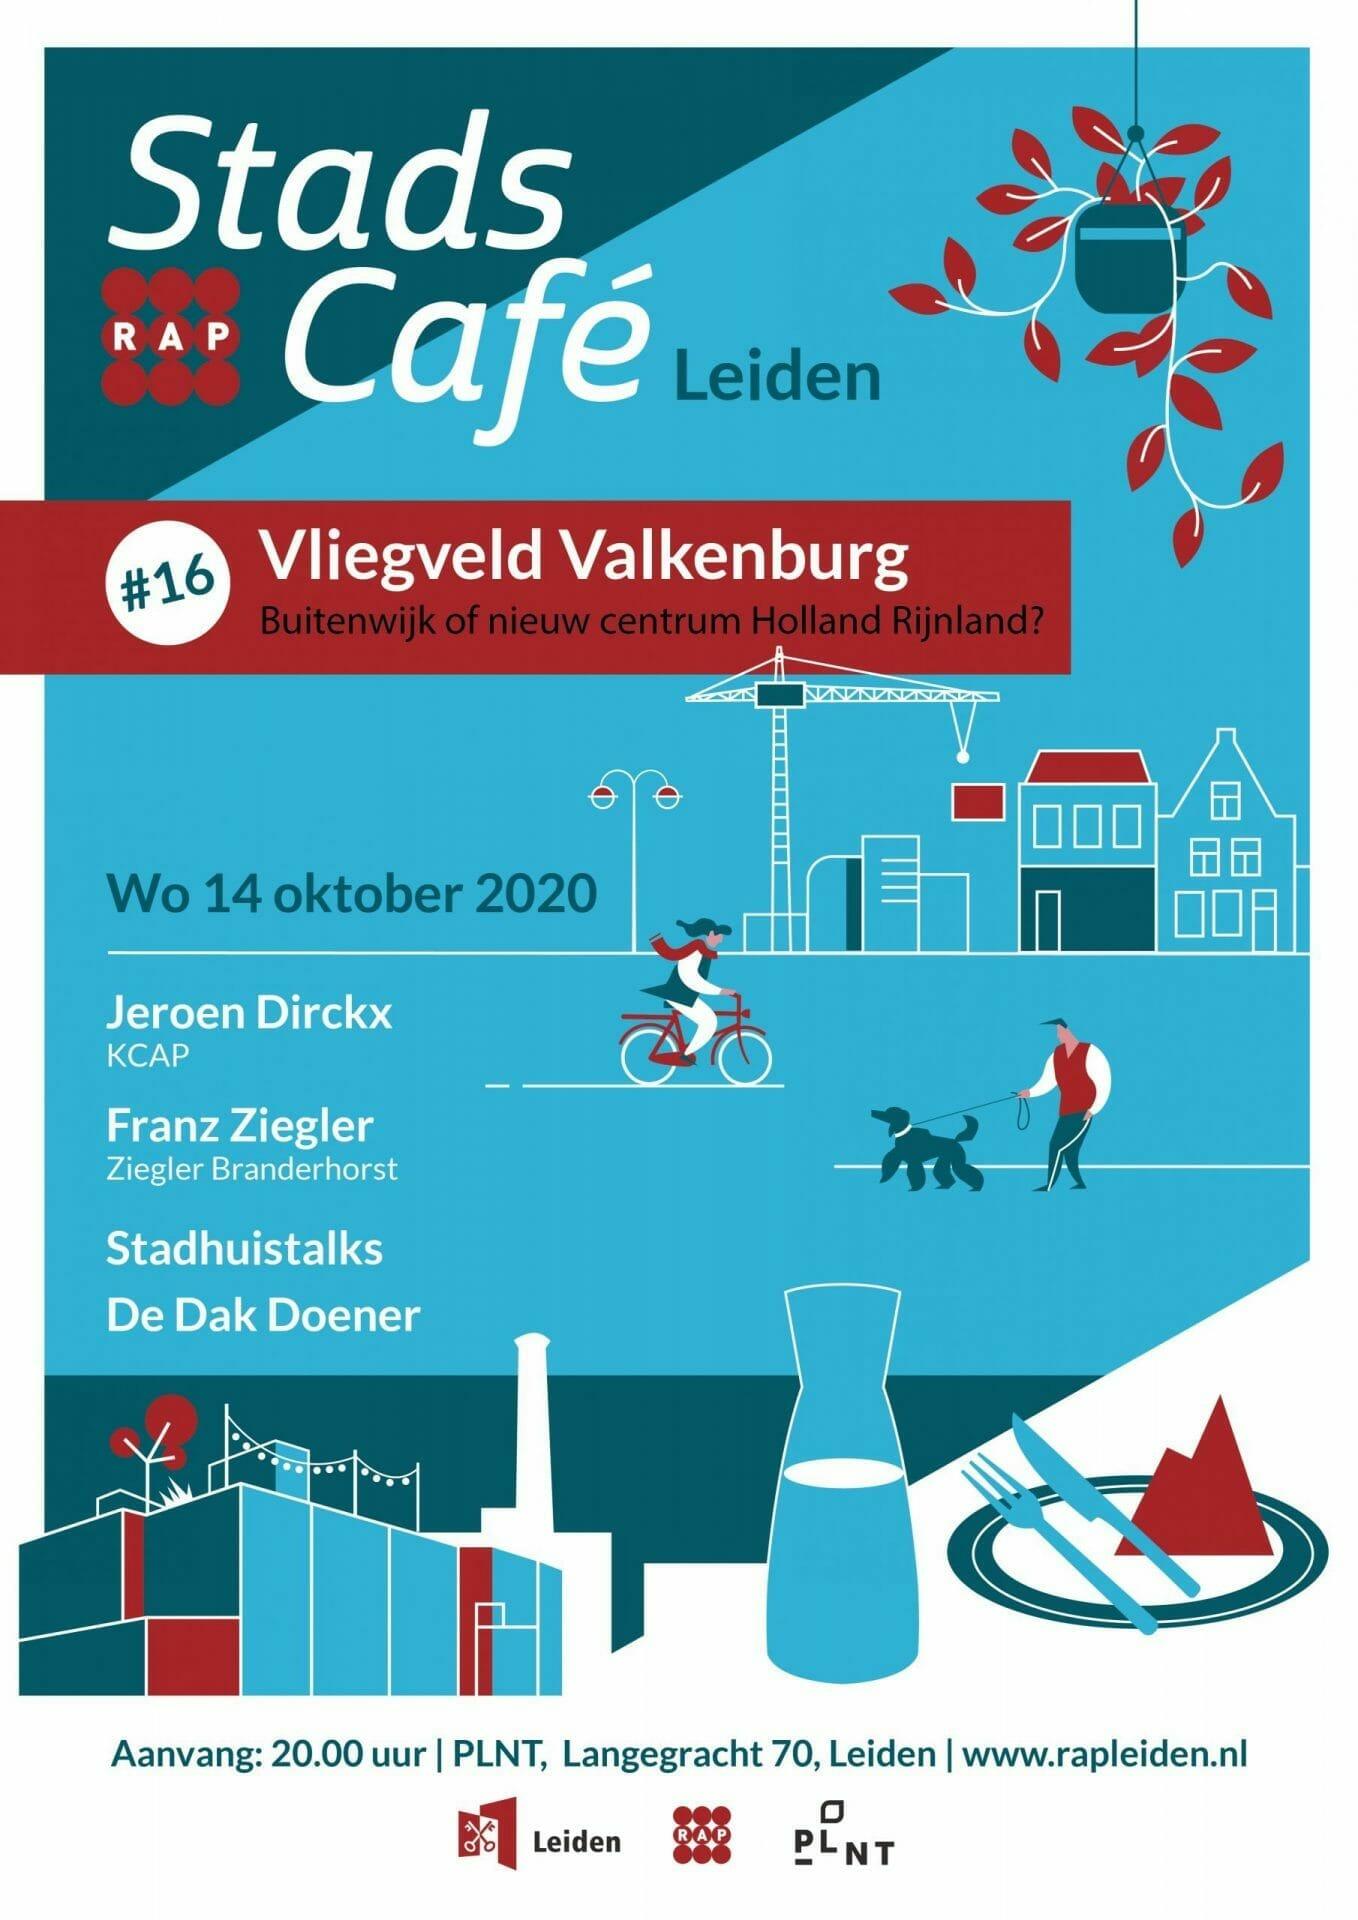 Stadscafe #16 ✈ Vliegveld Valkenburg: Buitenwijk of nieuw centrum Holland Rijnland